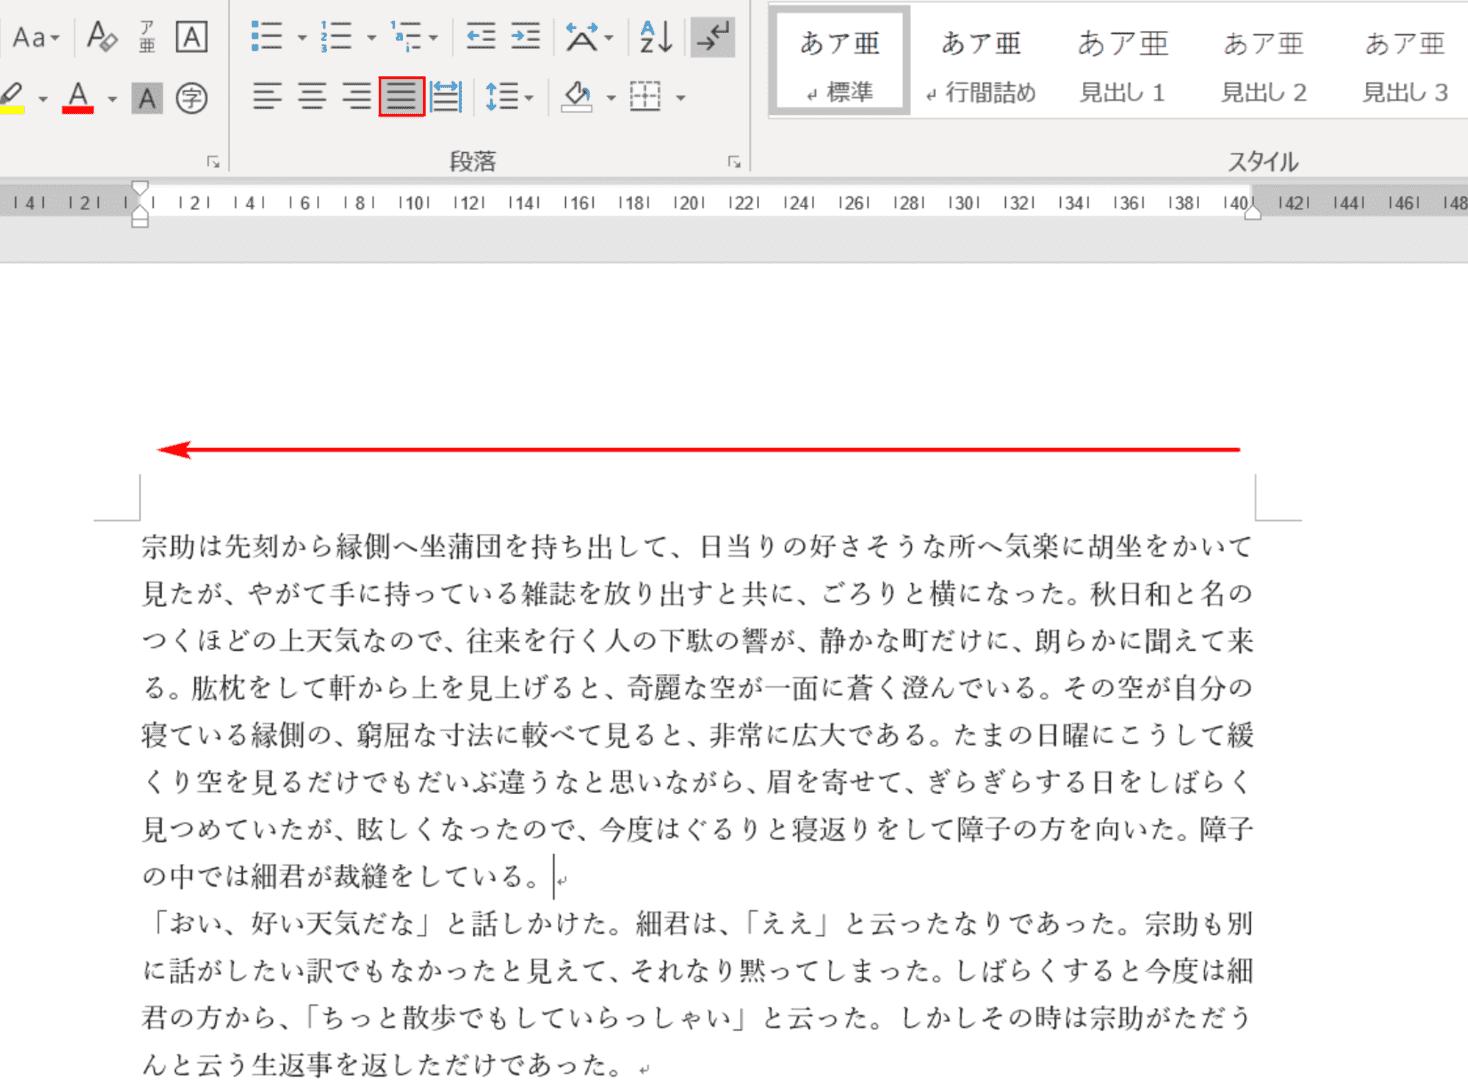 段落書式の解除